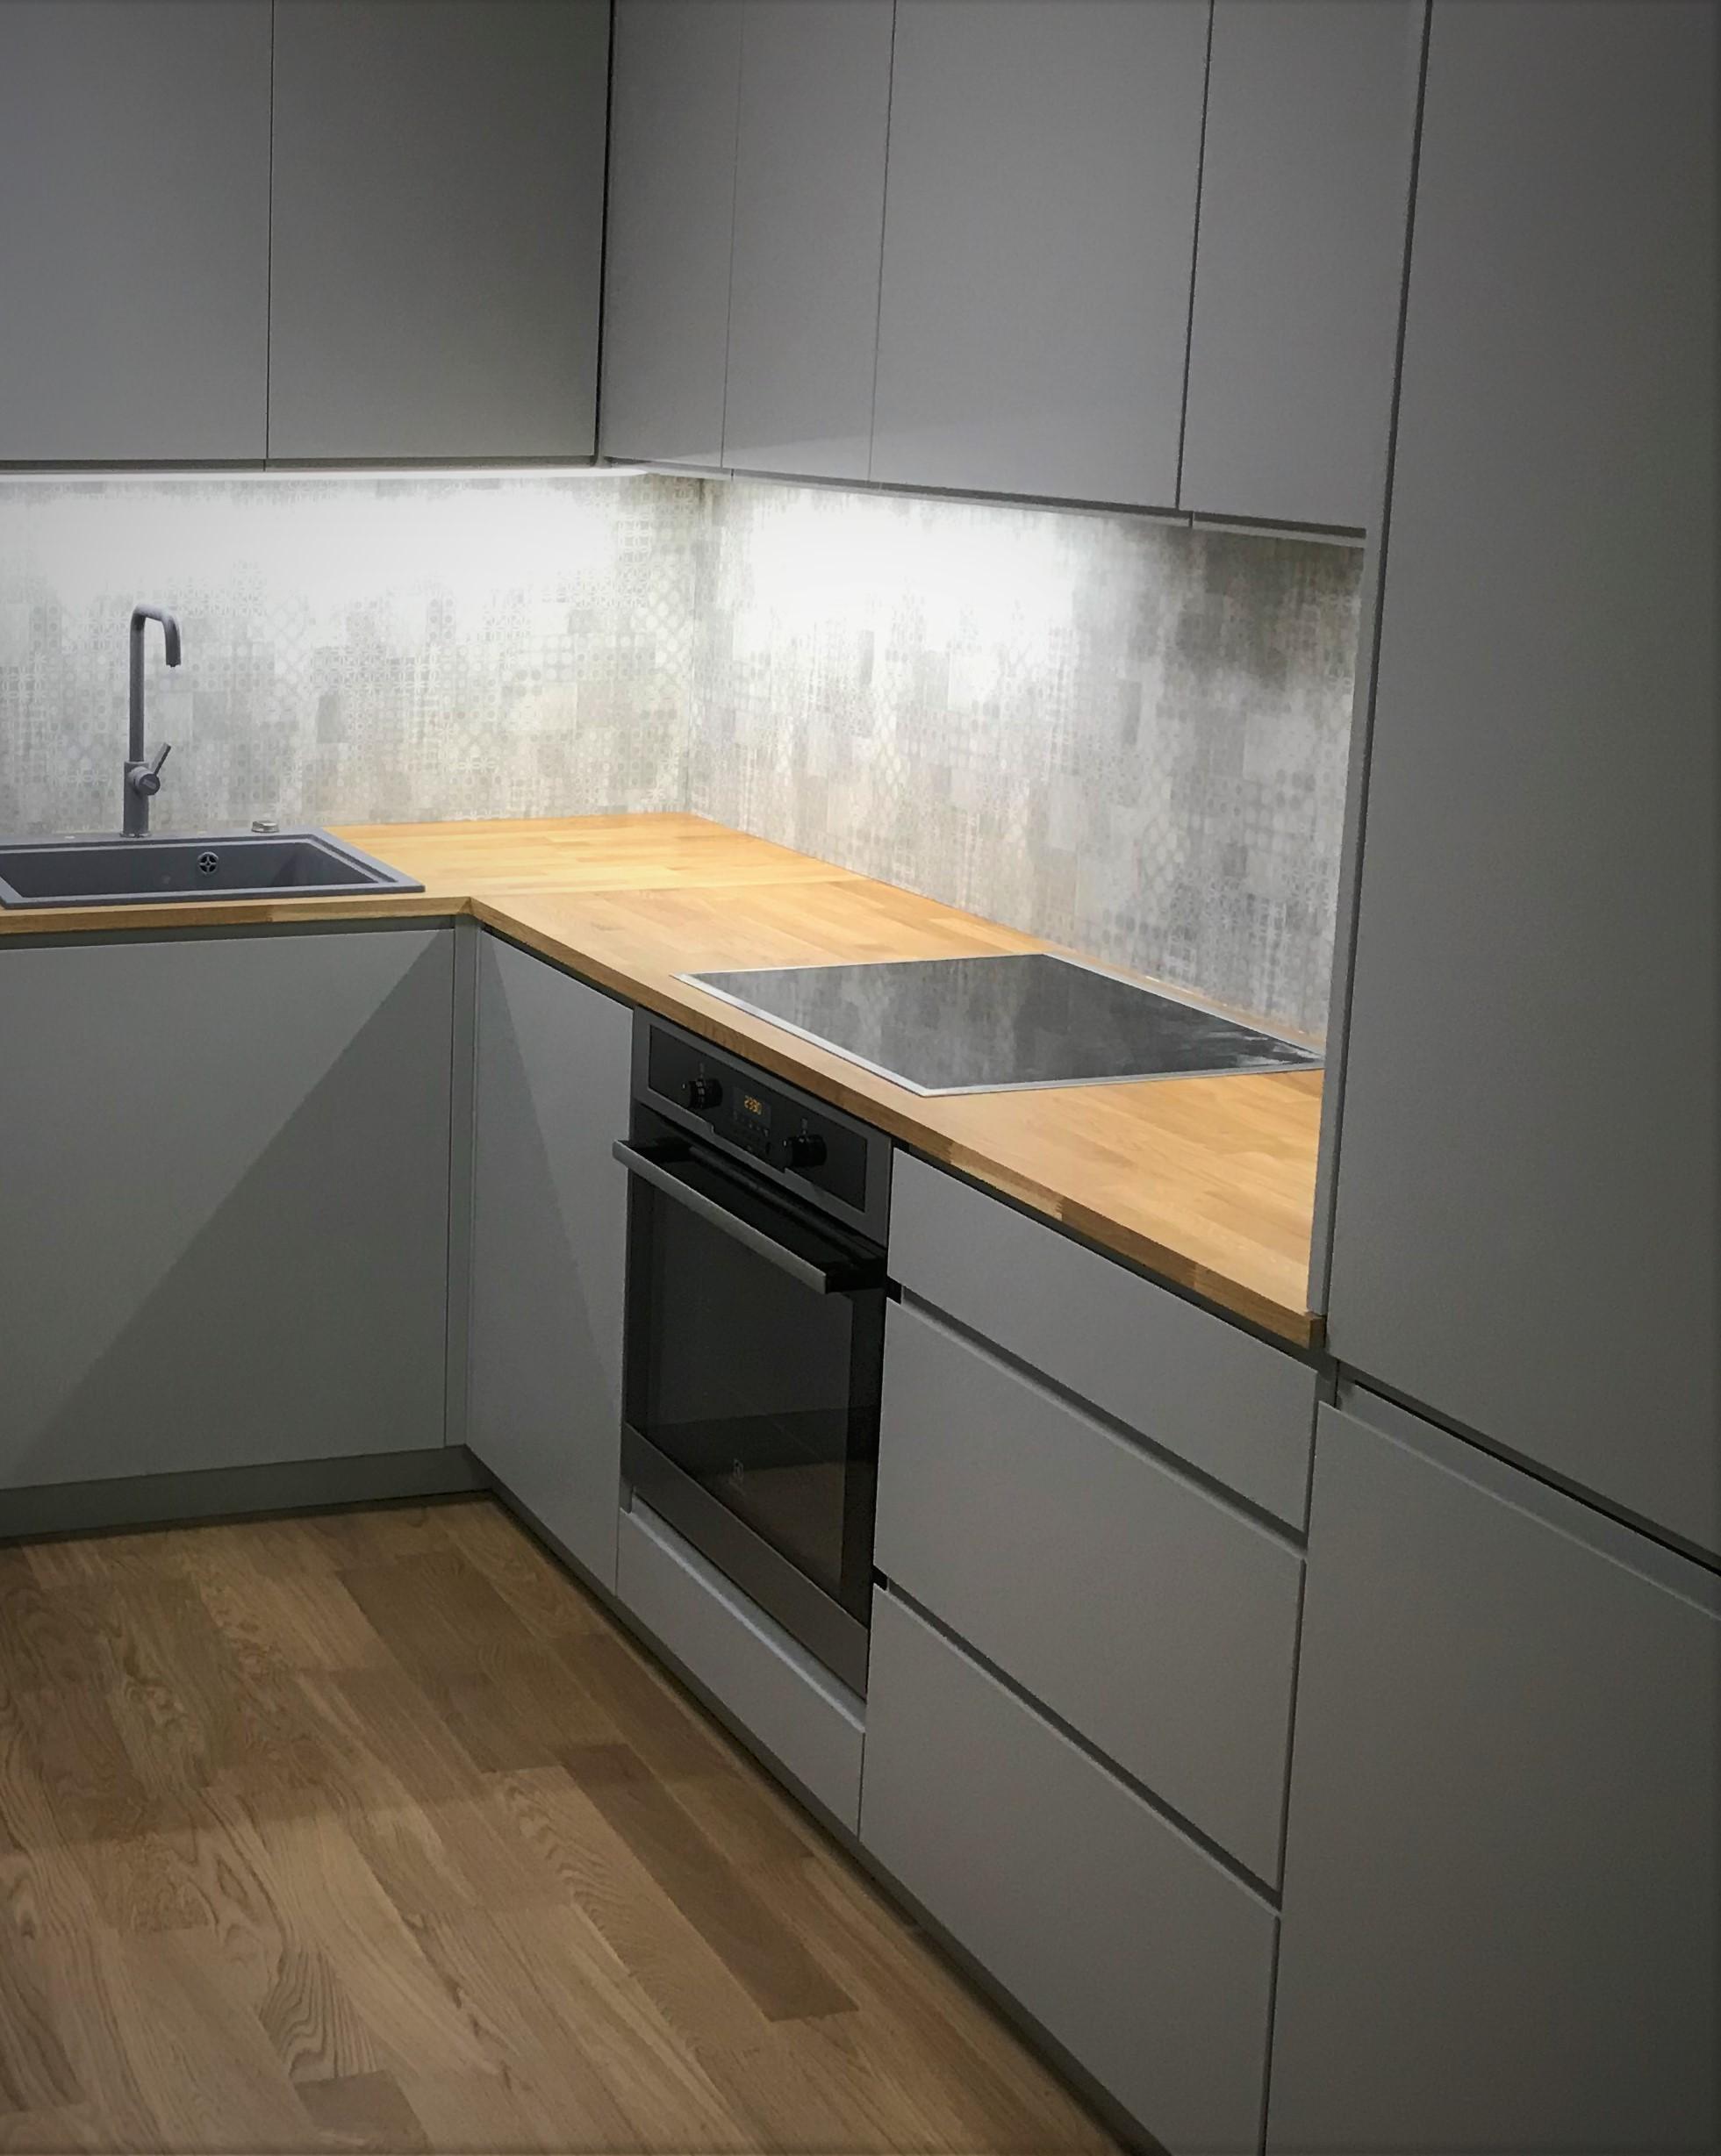 Eritellimus köögimööbel - Köögimööbel24 - 1-1